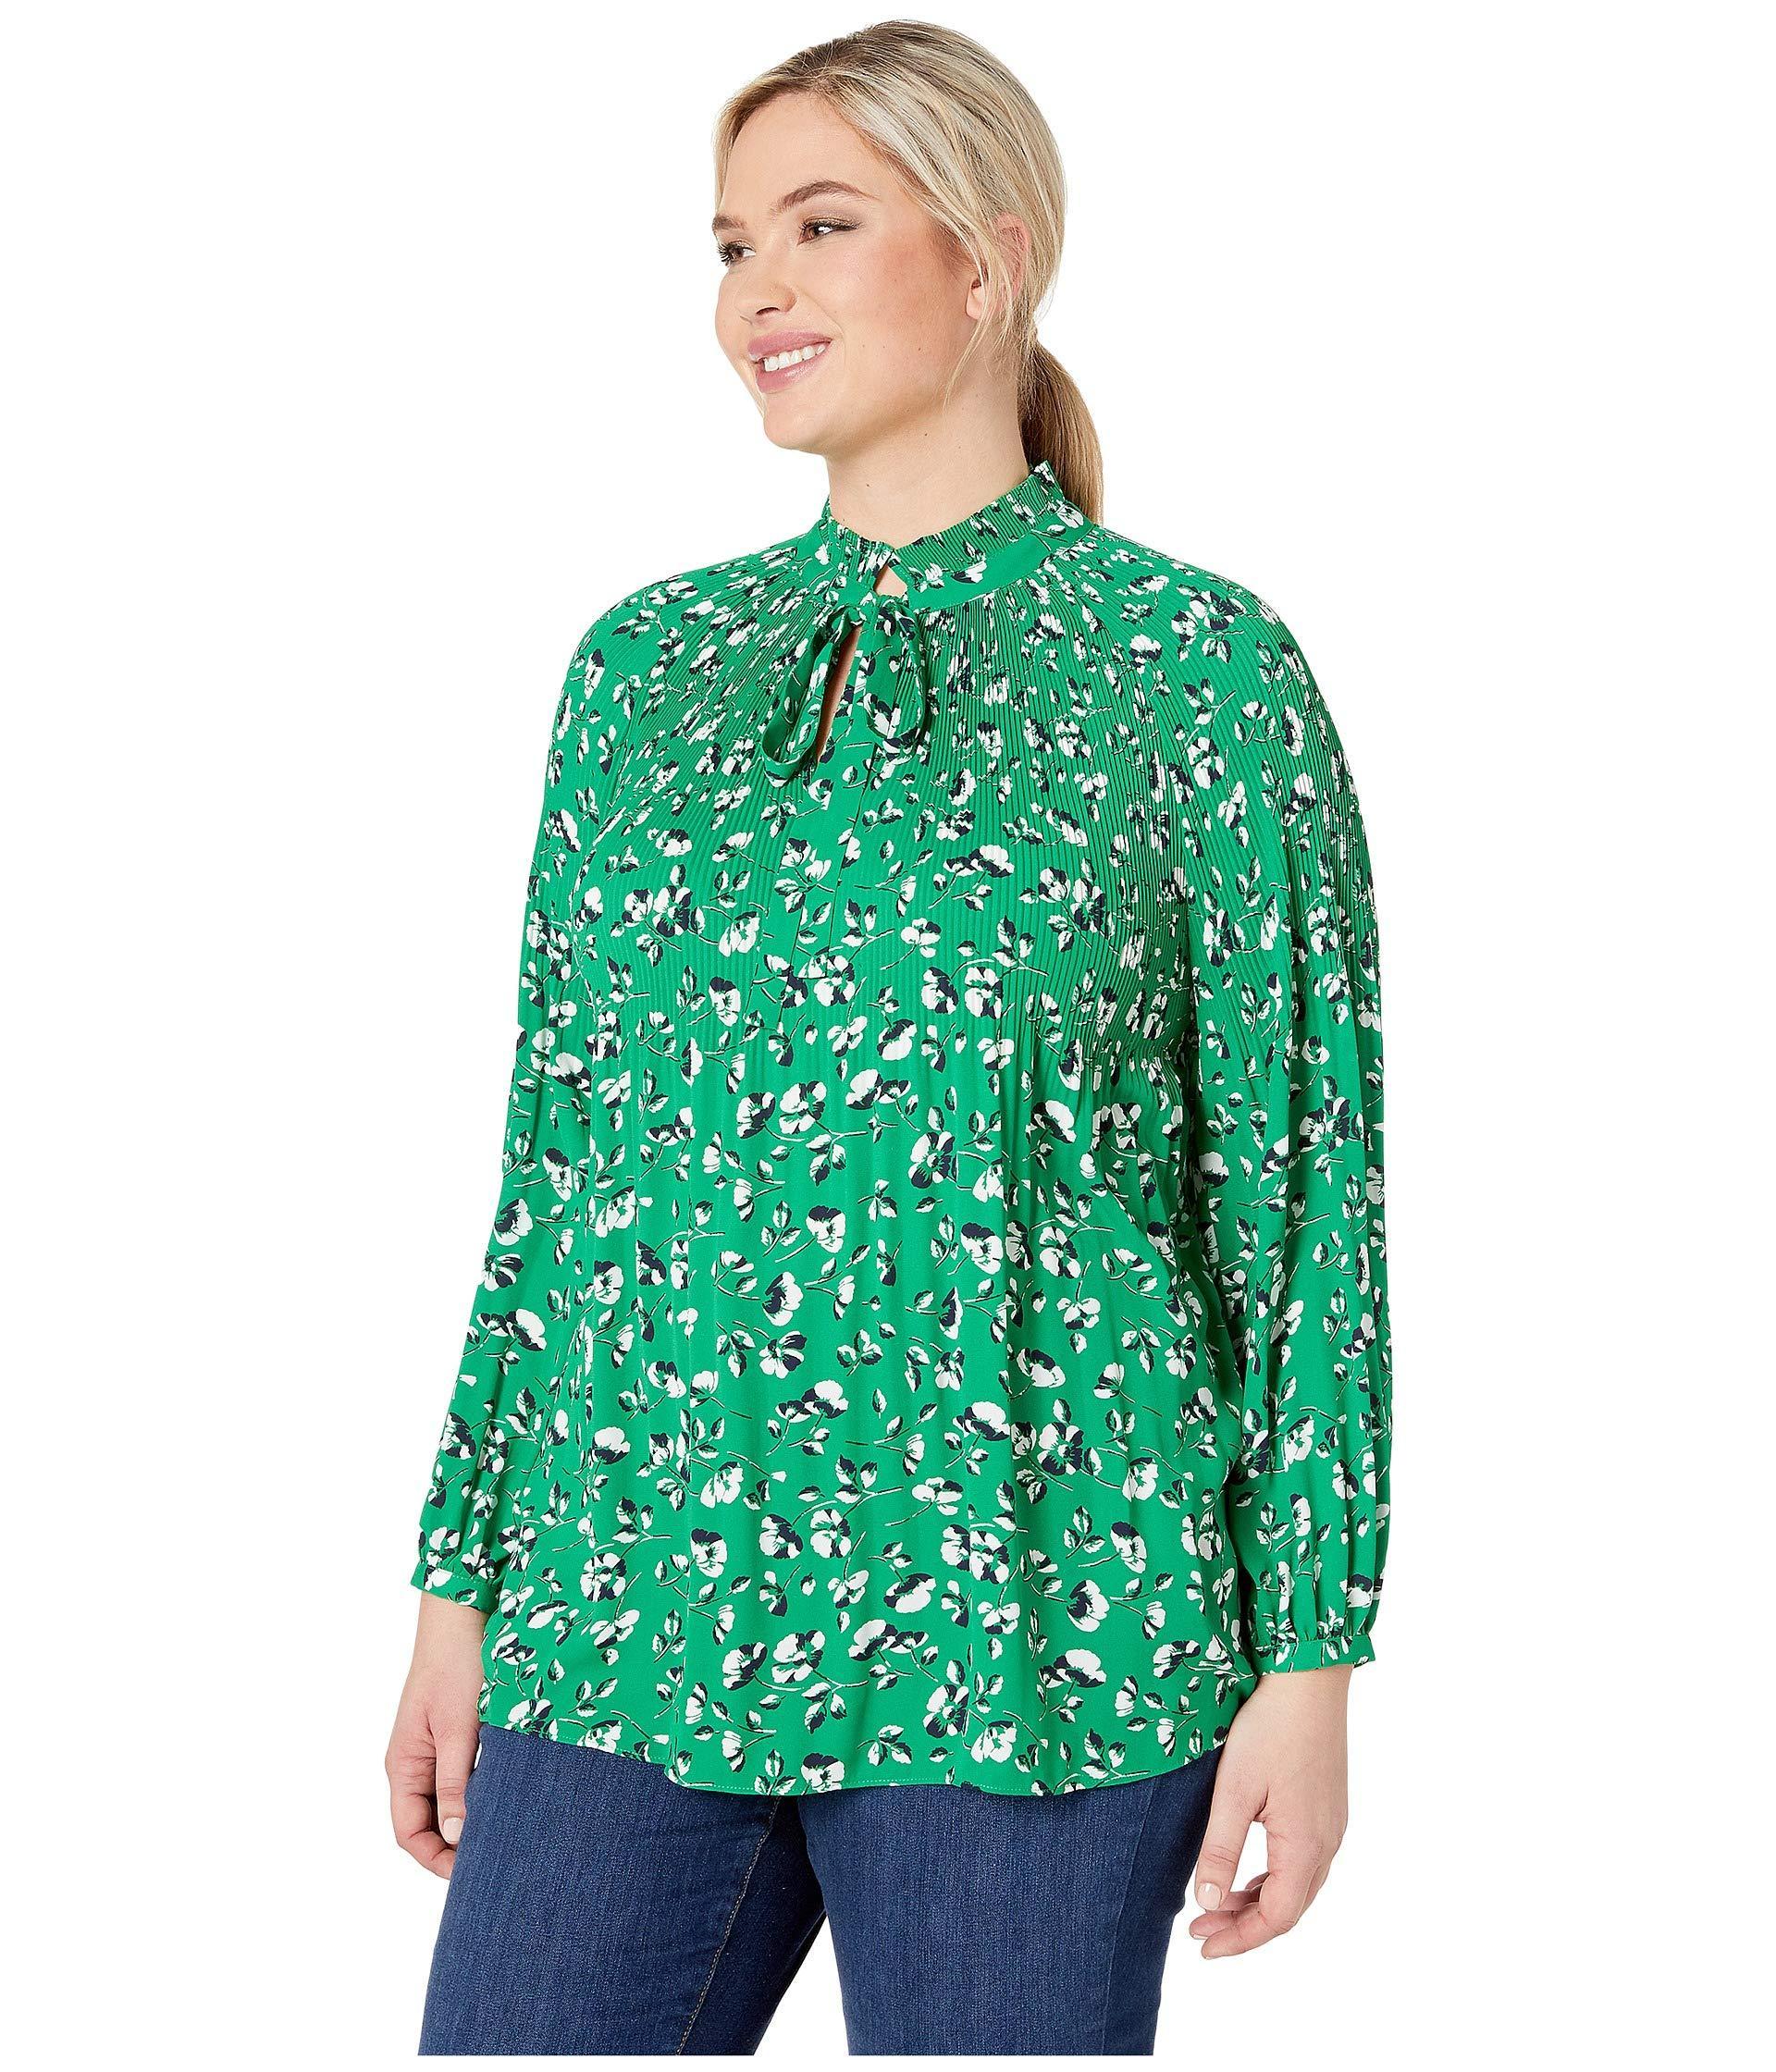 037d240e72c32 Lyst - Lauren by Ralph Lauren Plus Size Georgette Tie Neck Top (cambridge  Green Multi) Women s Clothing in Green